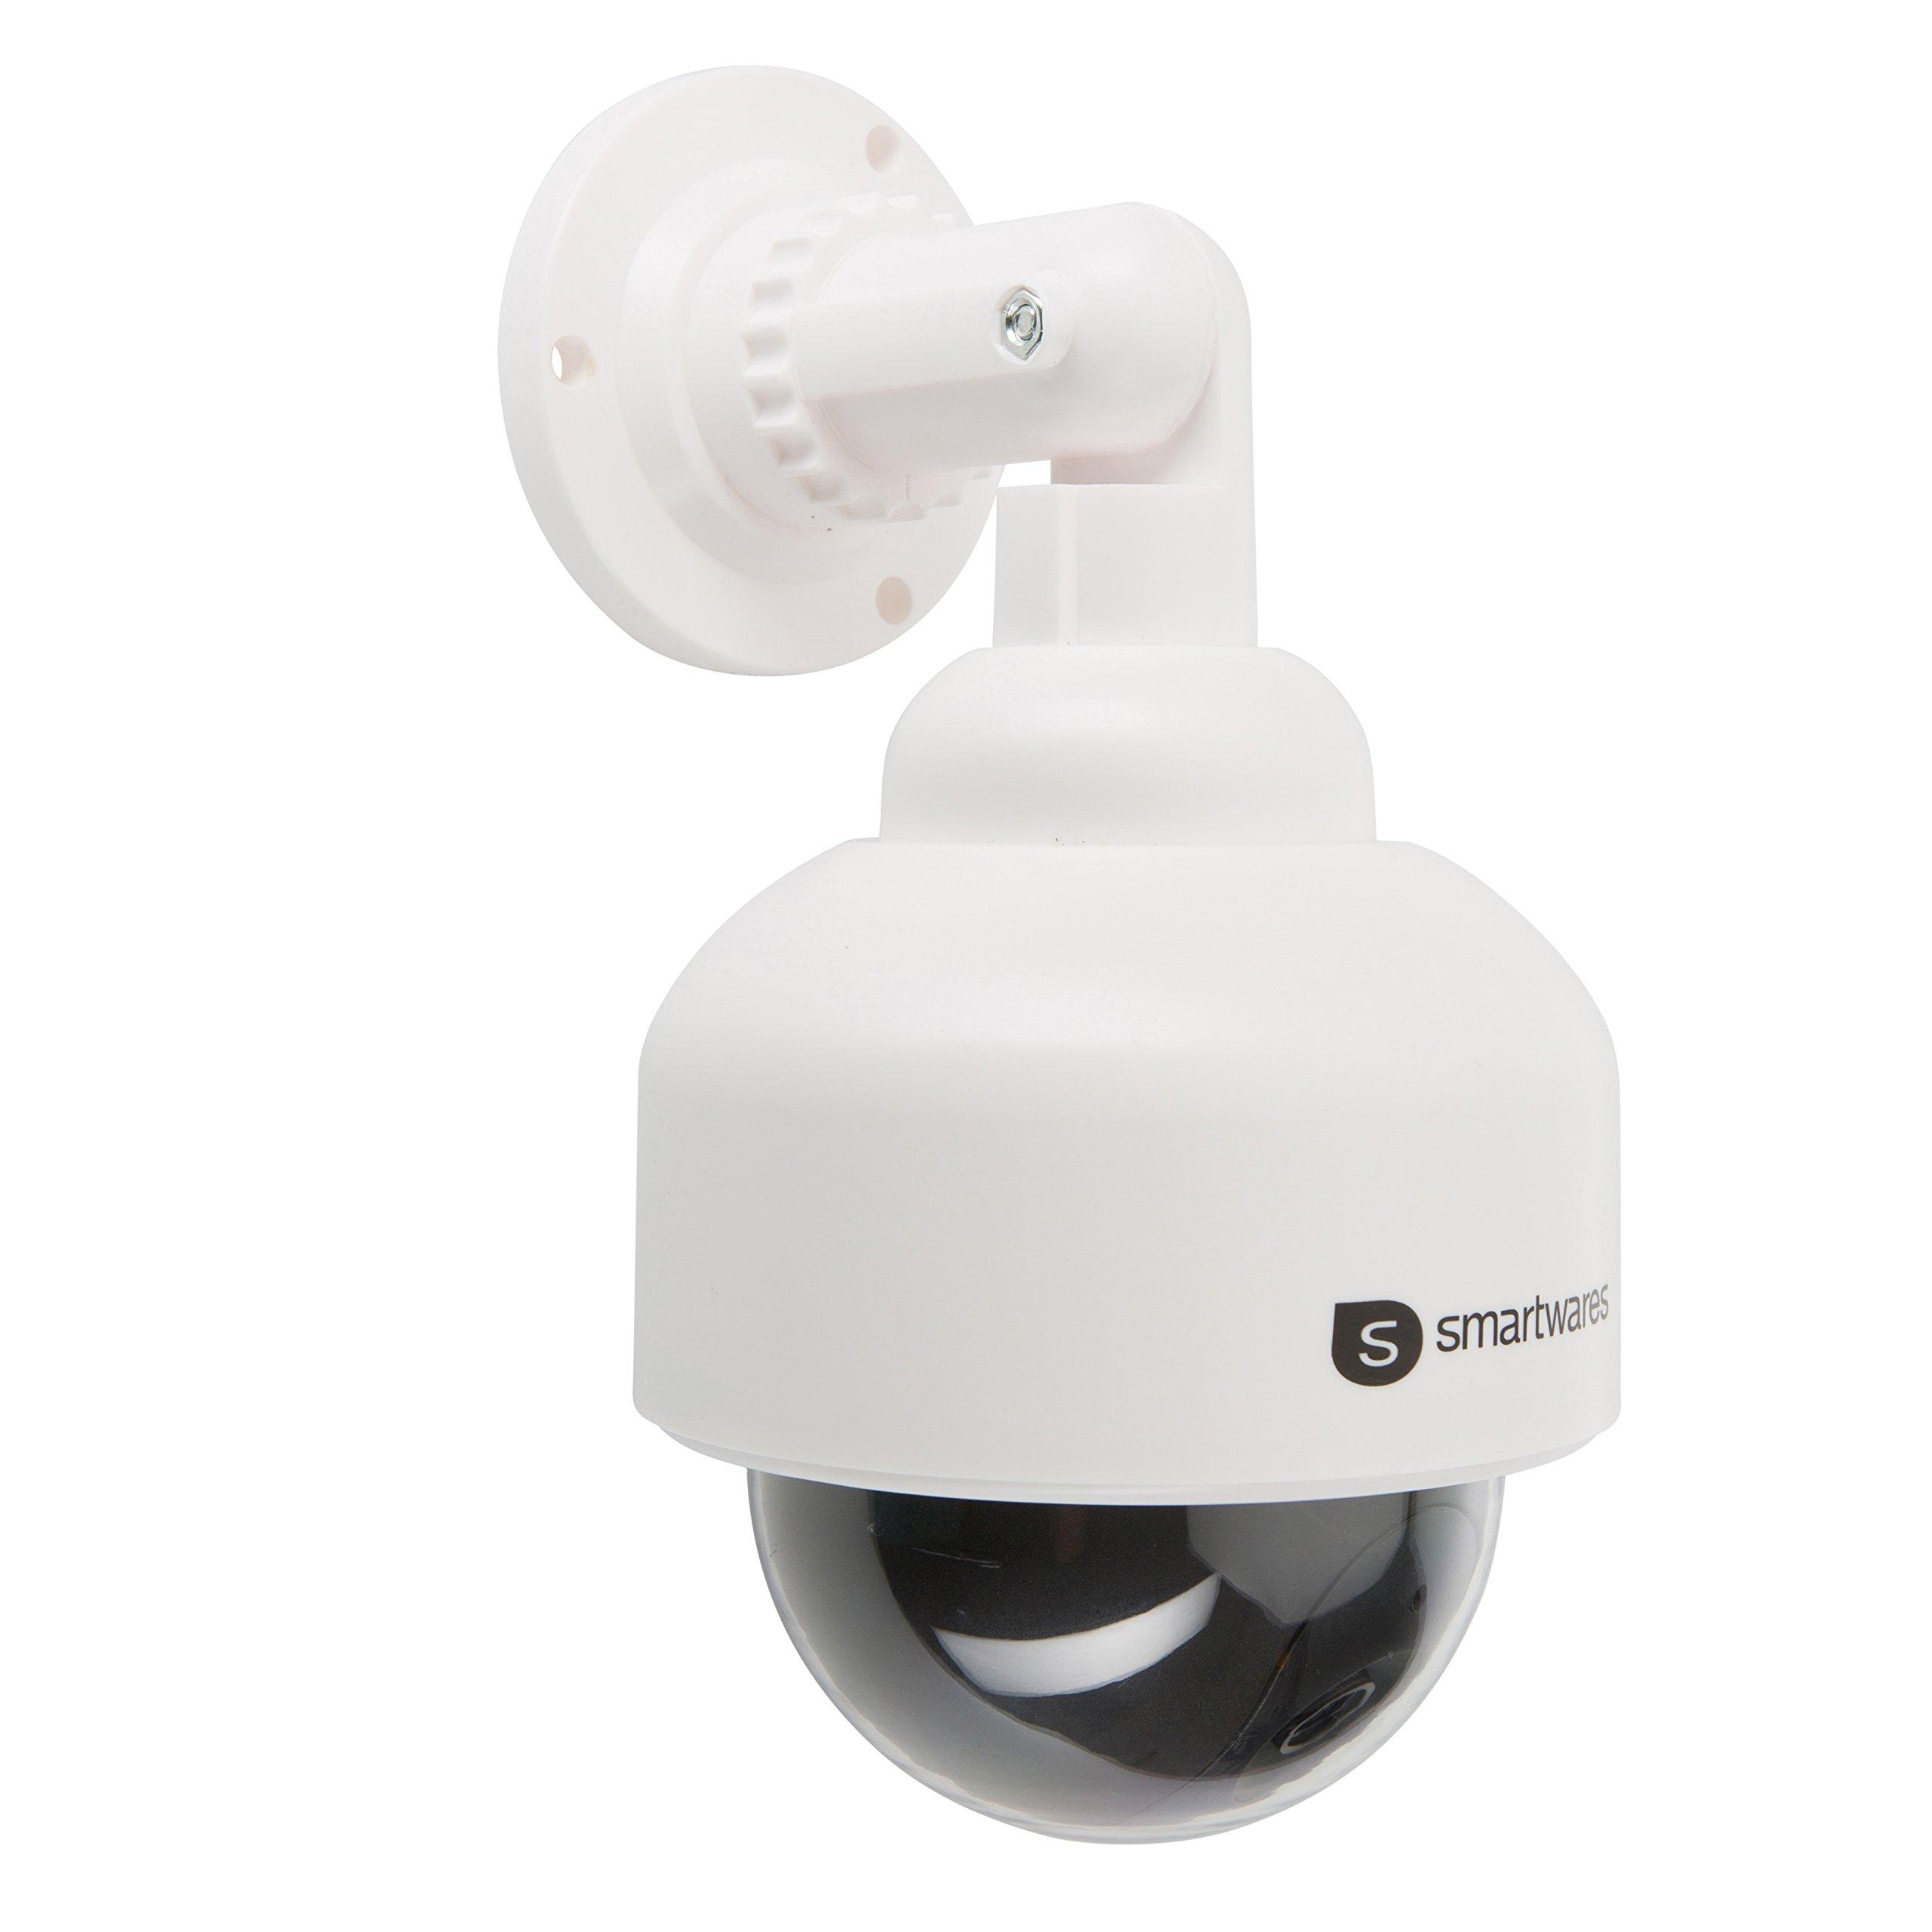 Smartwares 10.016.07 (CS88D) Cámara ficticia (Interior y Exterior, luz LED) Color Negro y Blanco, 1.5 V product image